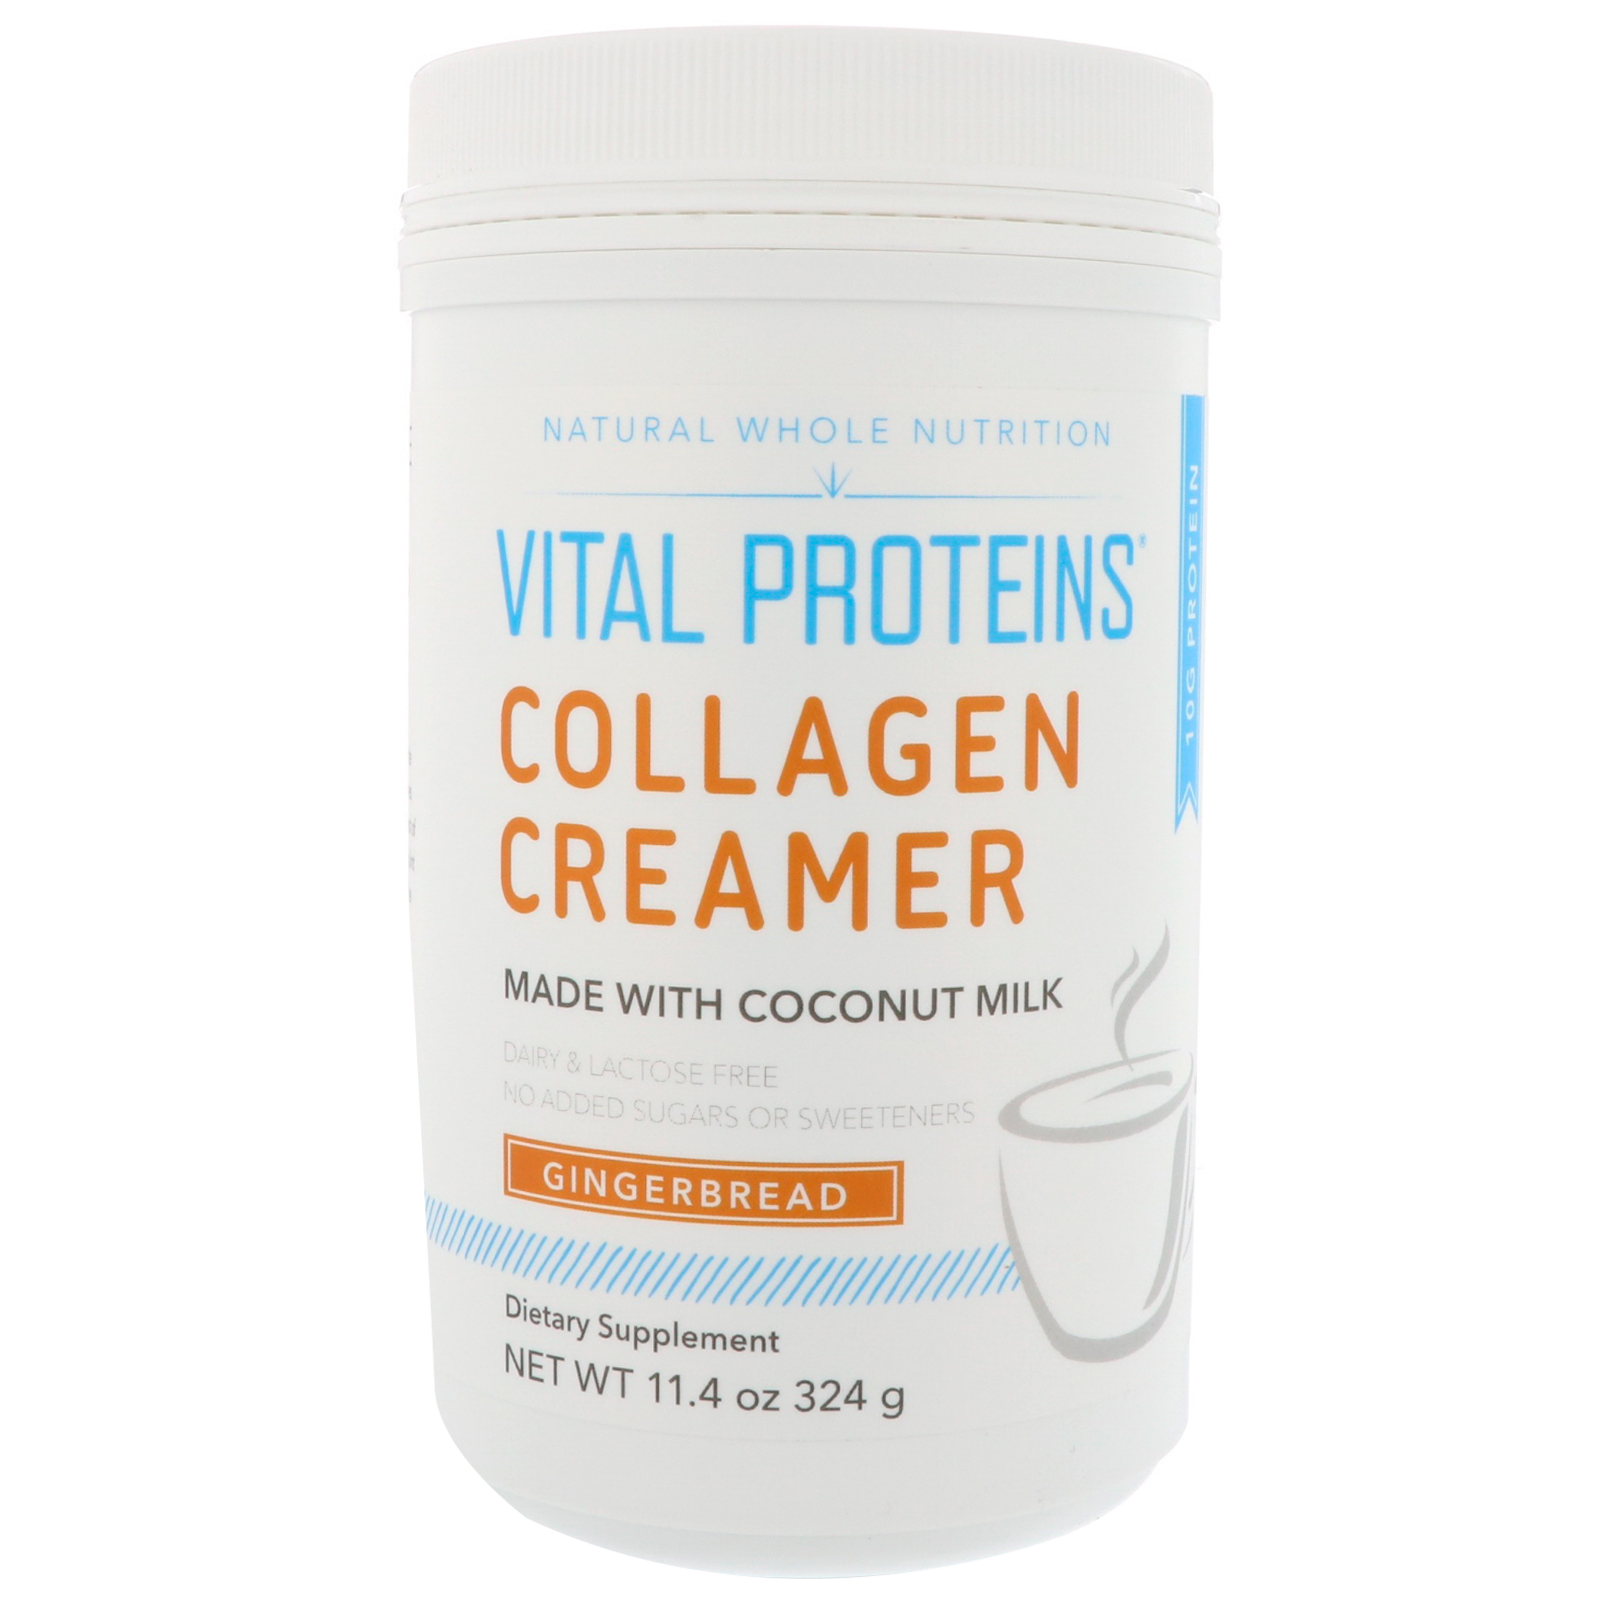 Vital Proteins Collagen Creamer Gingerbread 11 4 Oz 324 G Iherb,Different Types Of Flower Arrangement Pdf